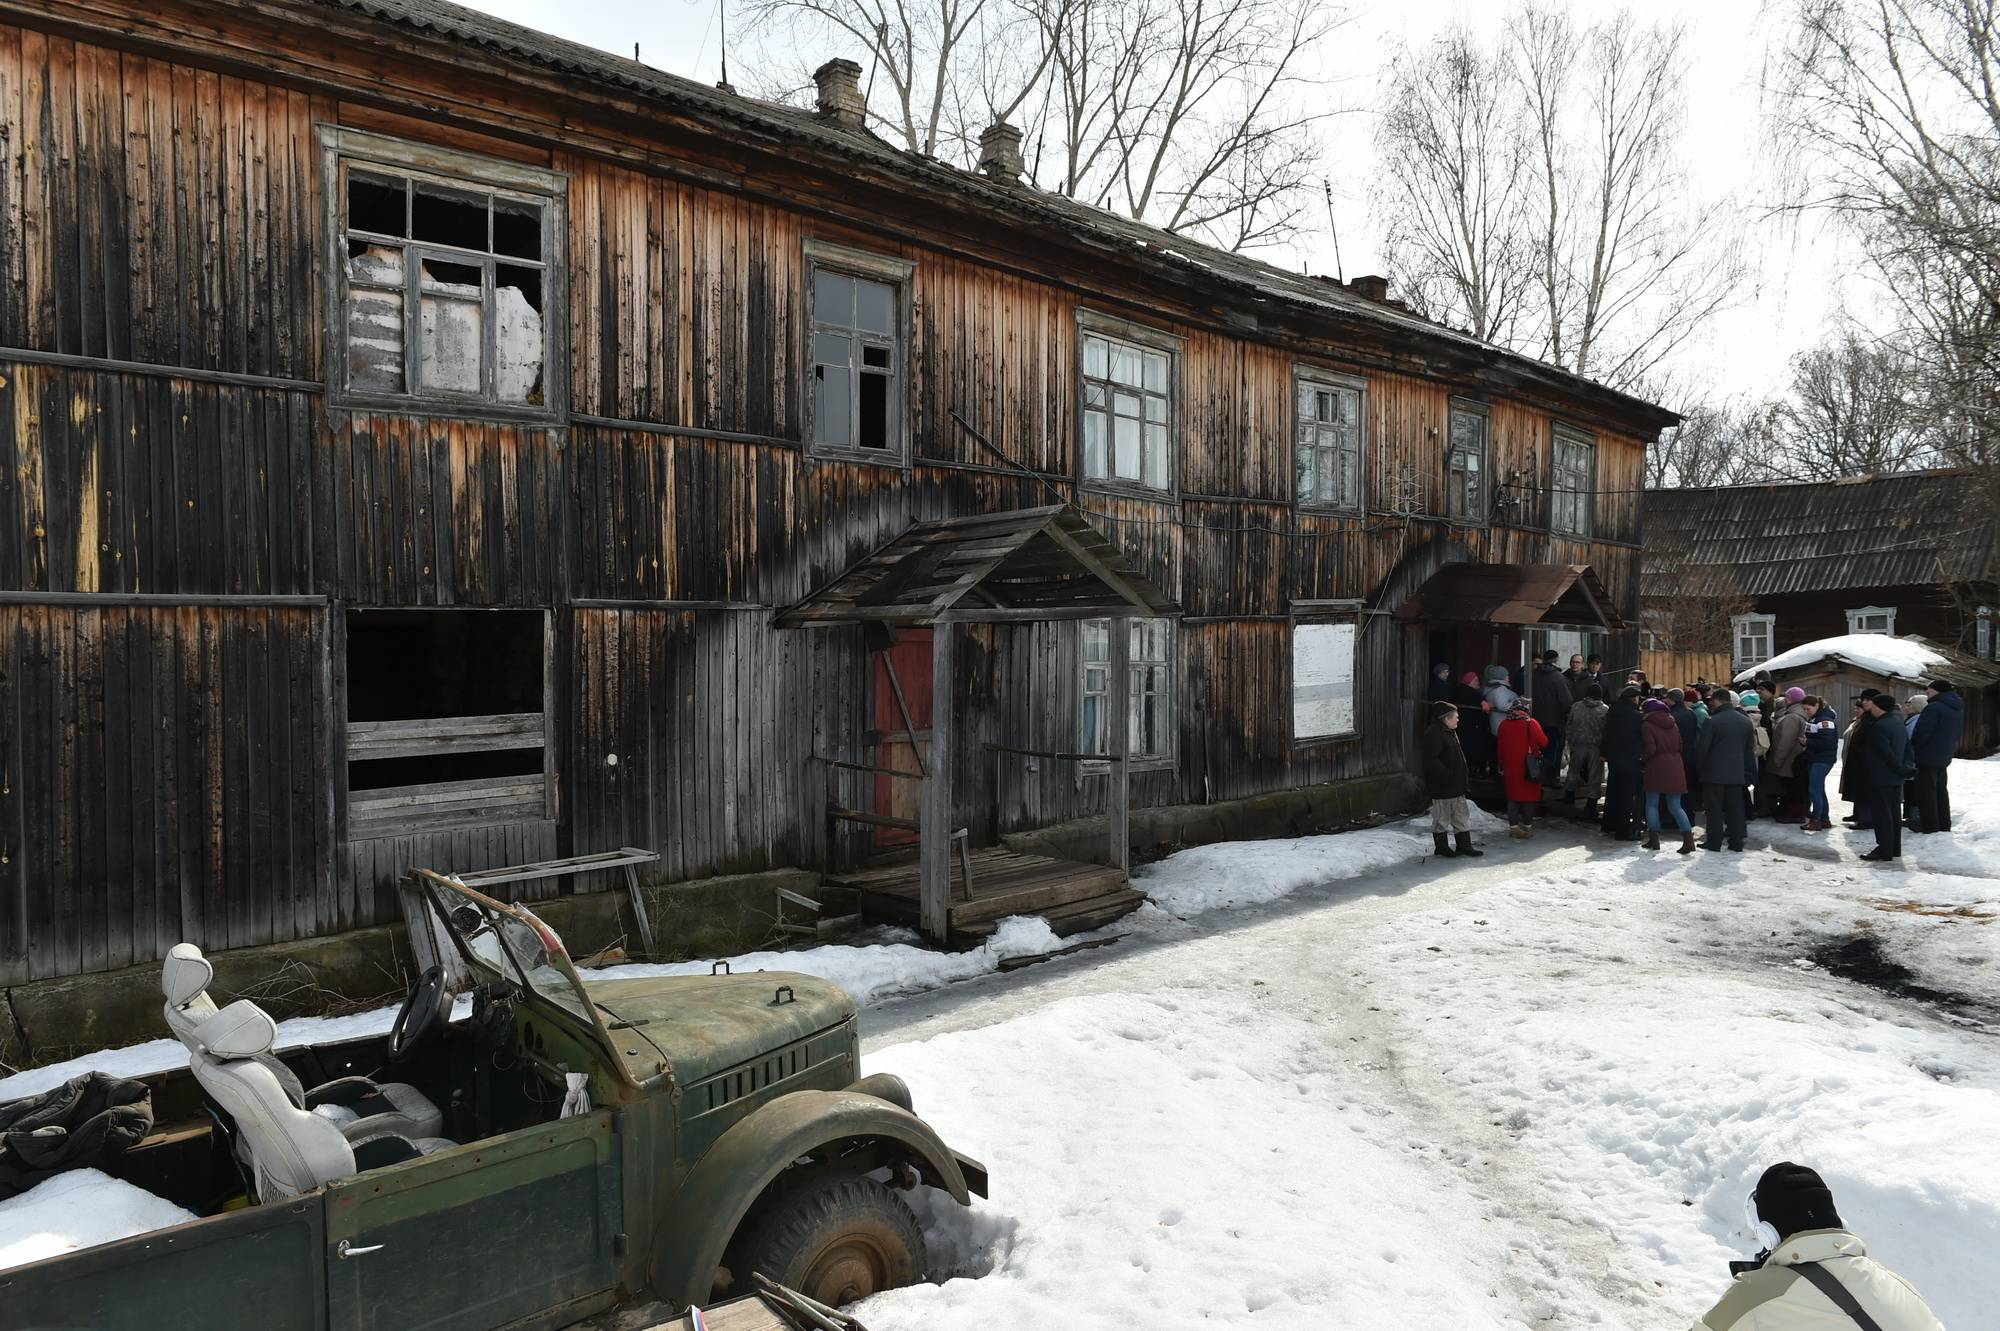 Симониха. Фото: пресс-служба главы и правительства УР